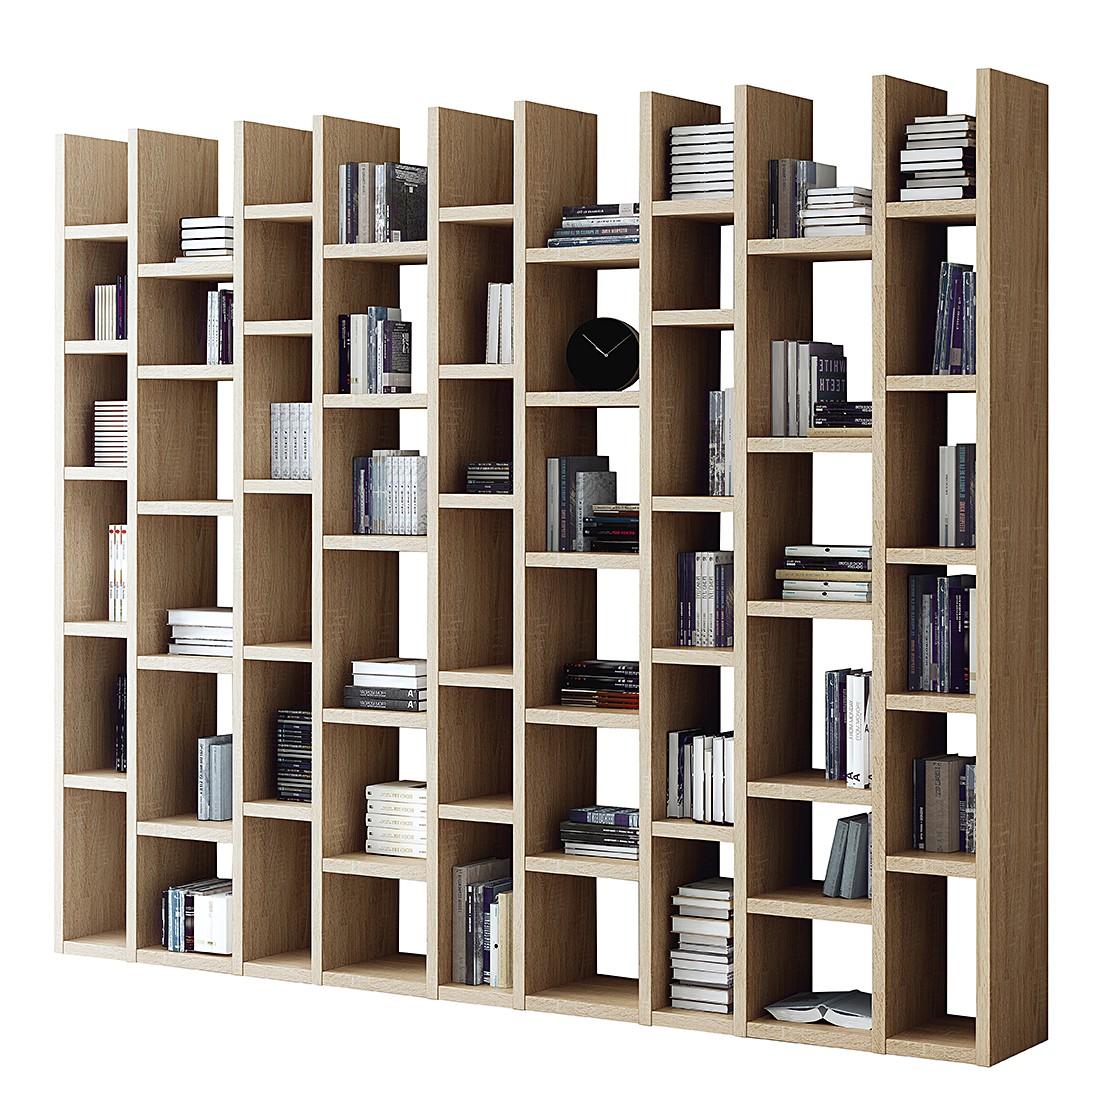 b cherregal eiche preisvergleich die besten angebote online kaufen. Black Bedroom Furniture Sets. Home Design Ideas